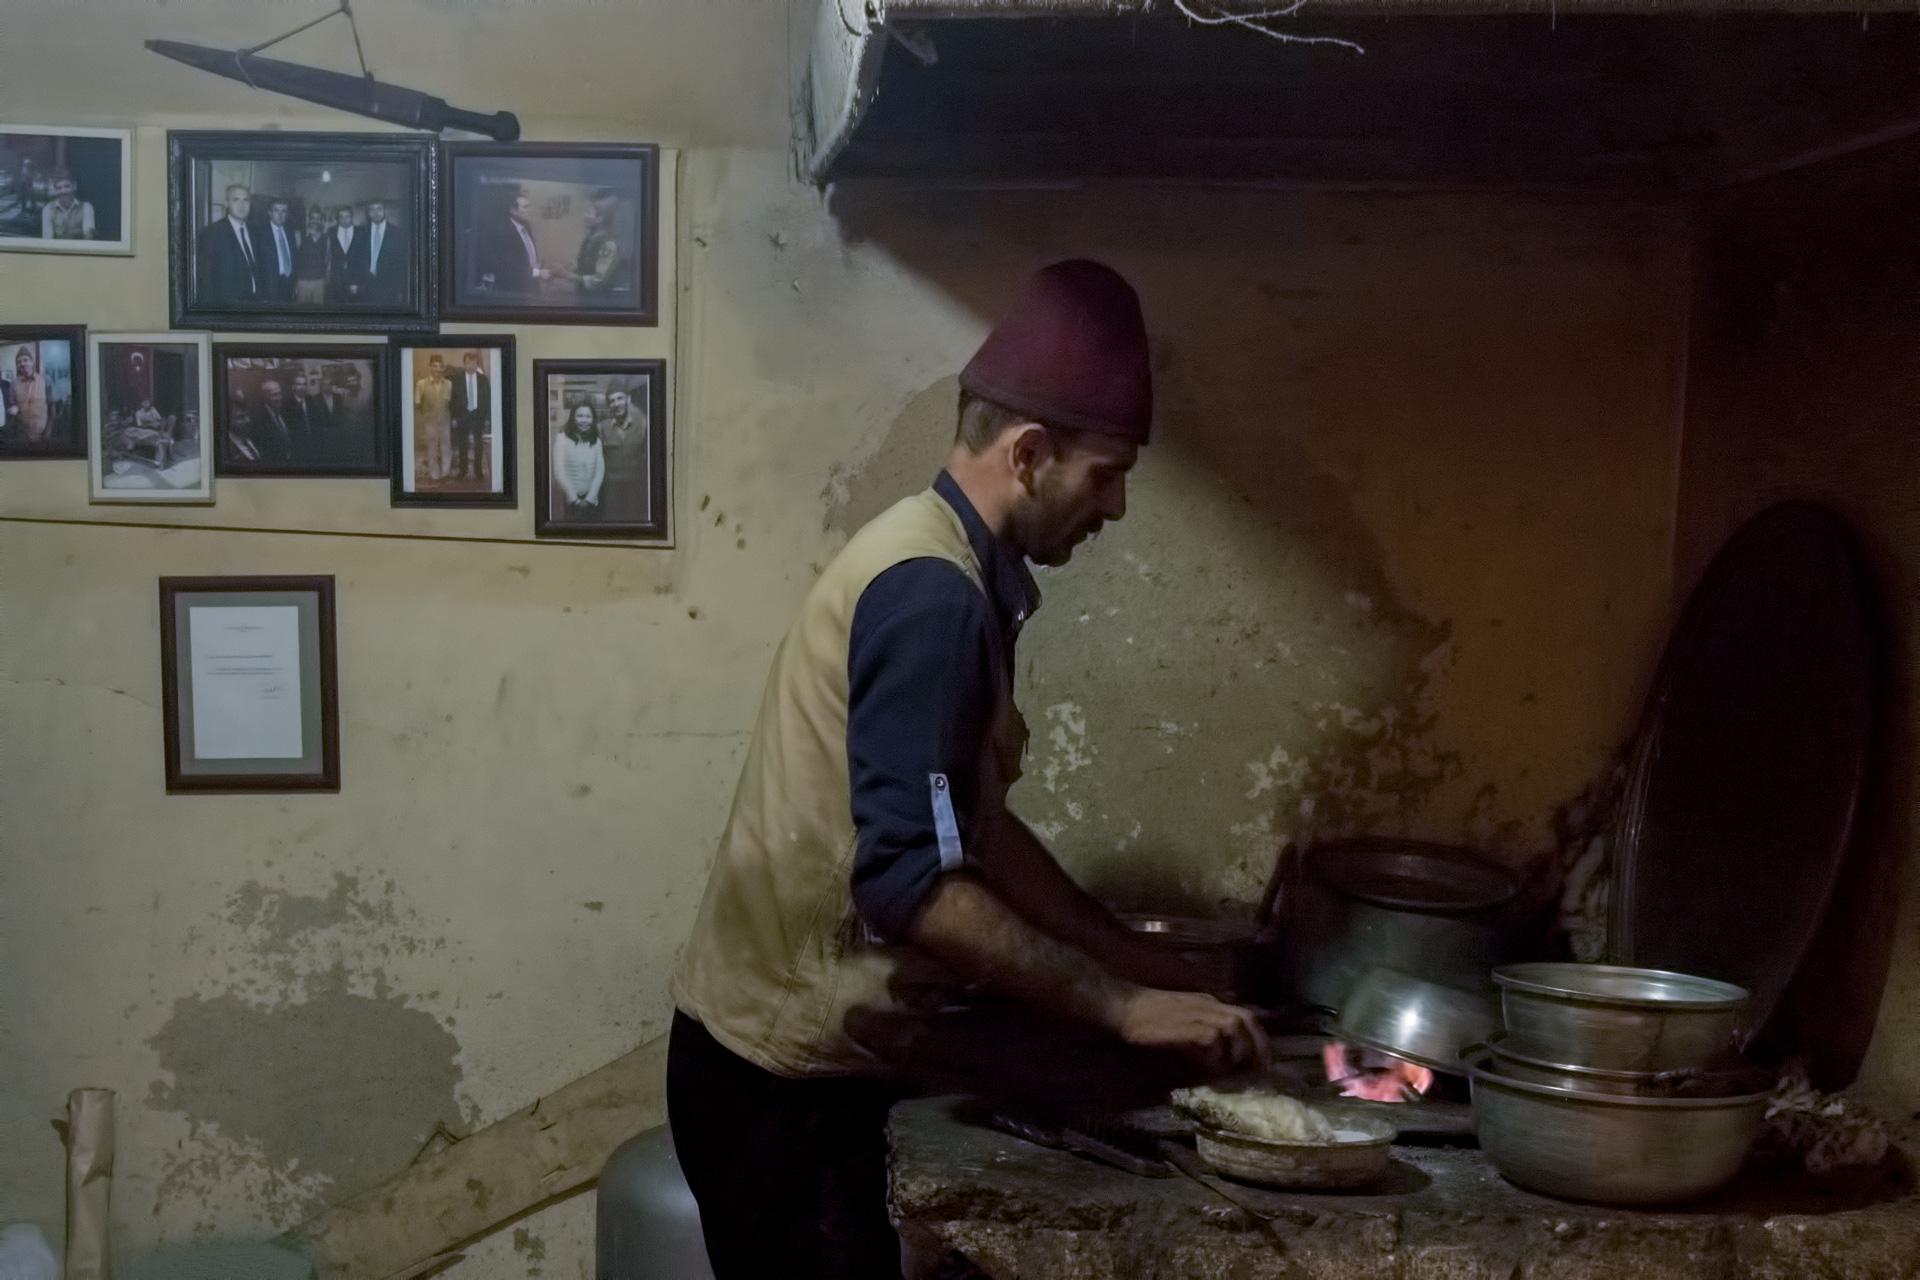 Kahramanmaraş Fotoğrafları Türkiye Gezgin Fotoğrafçı Çekergezer Hakan Aydın Fotoğrafları www.cekergezer.com www.cekergezer.com